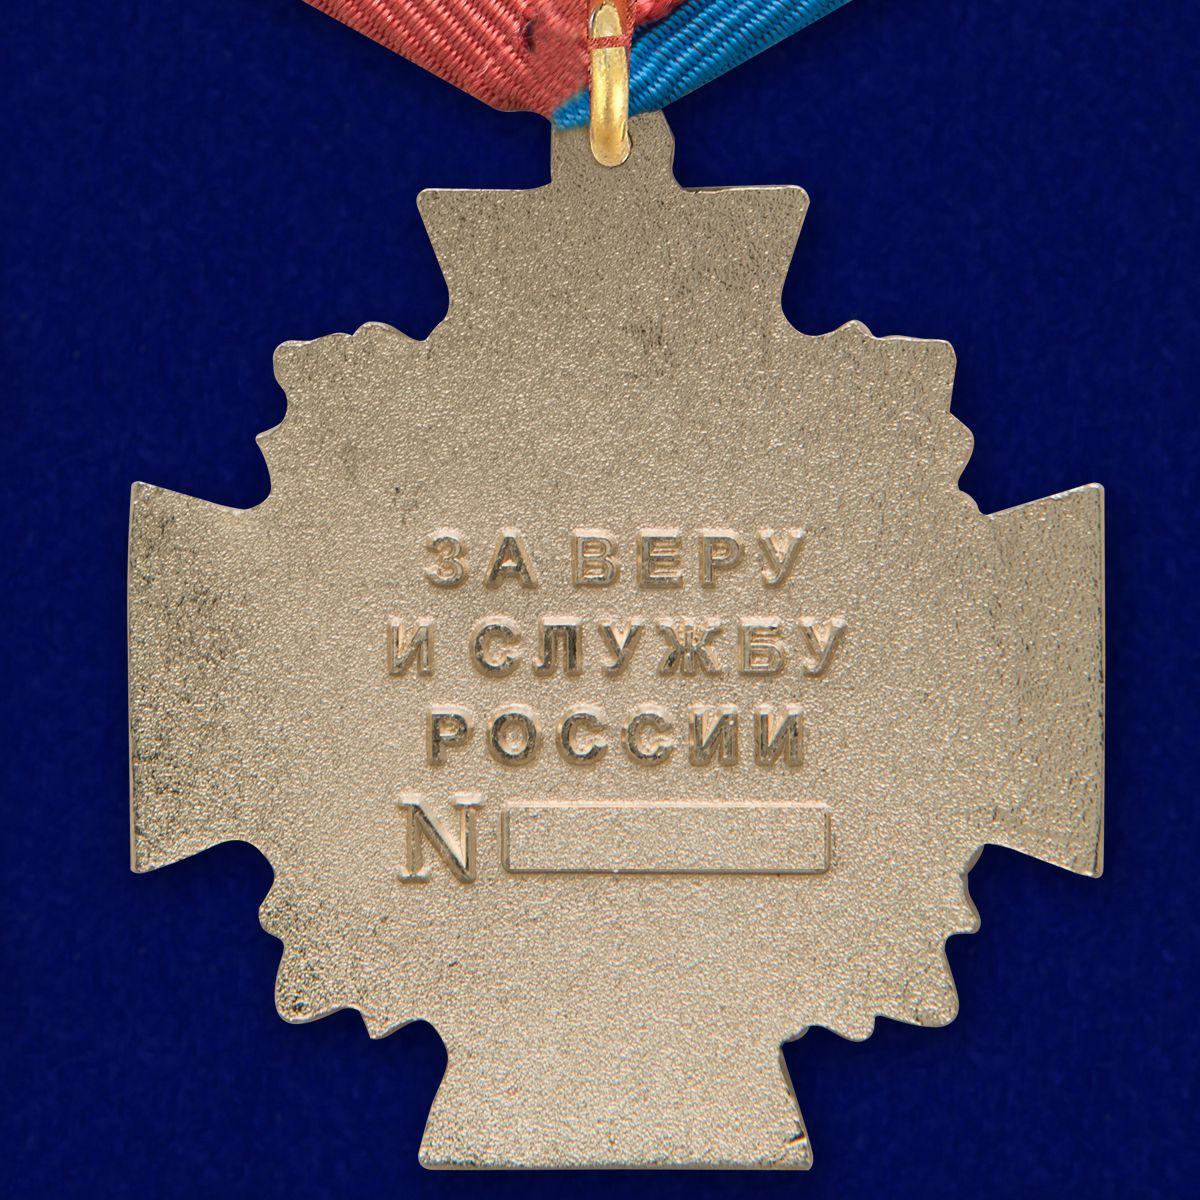 """Медаль """"За веру и службу России"""" в футляре из темно-бордового флока - купить с доставкой"""